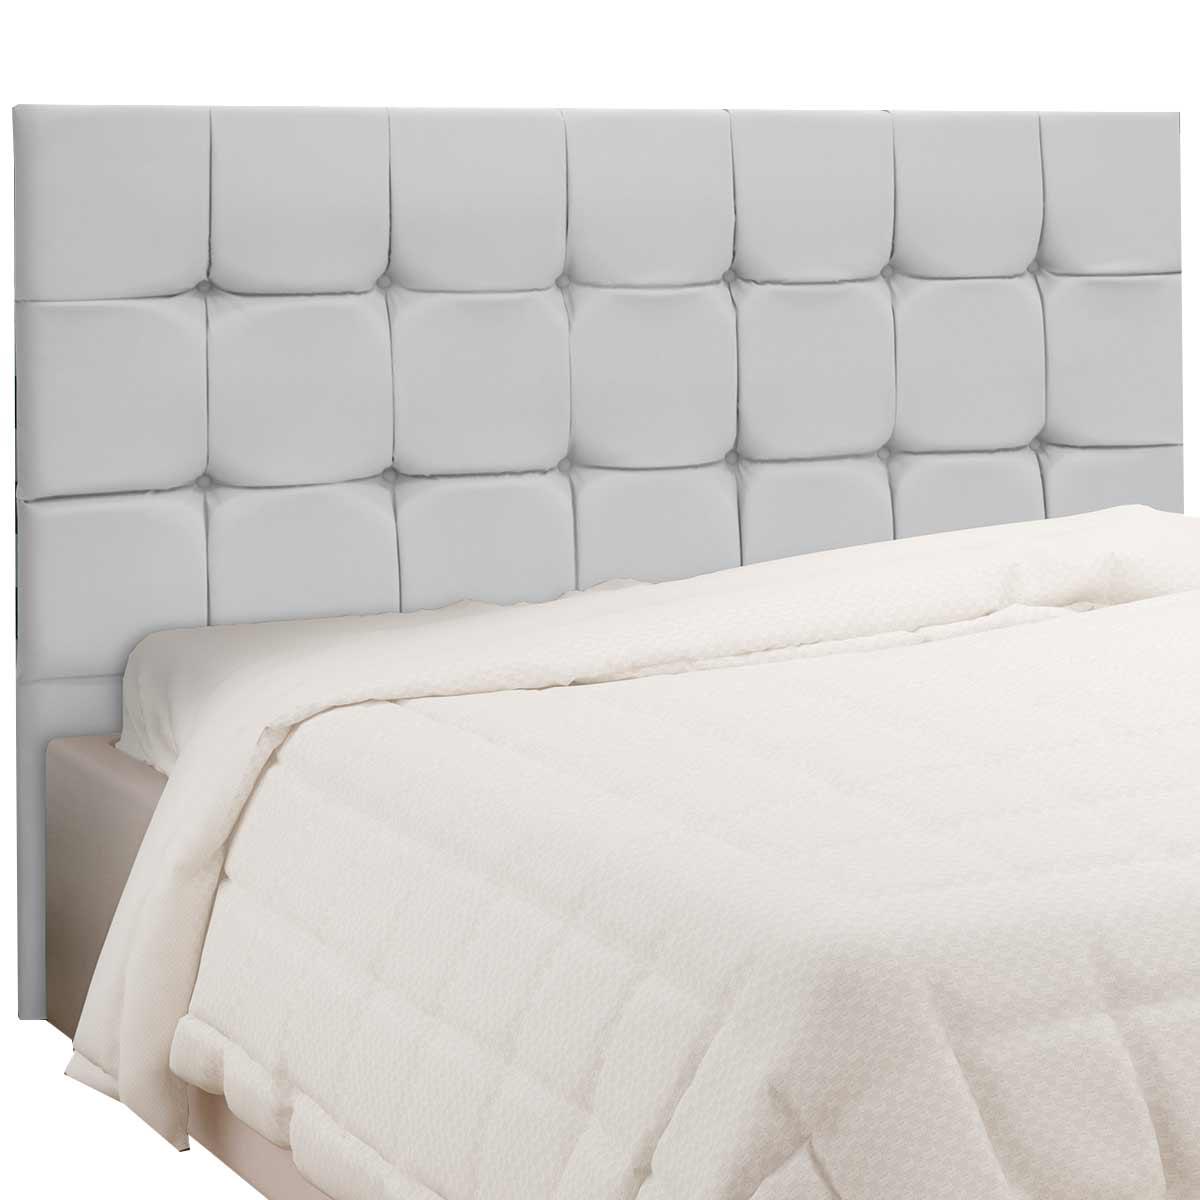 Cabeceira Slim Queen 160 cm CouroRios Branco Simbal